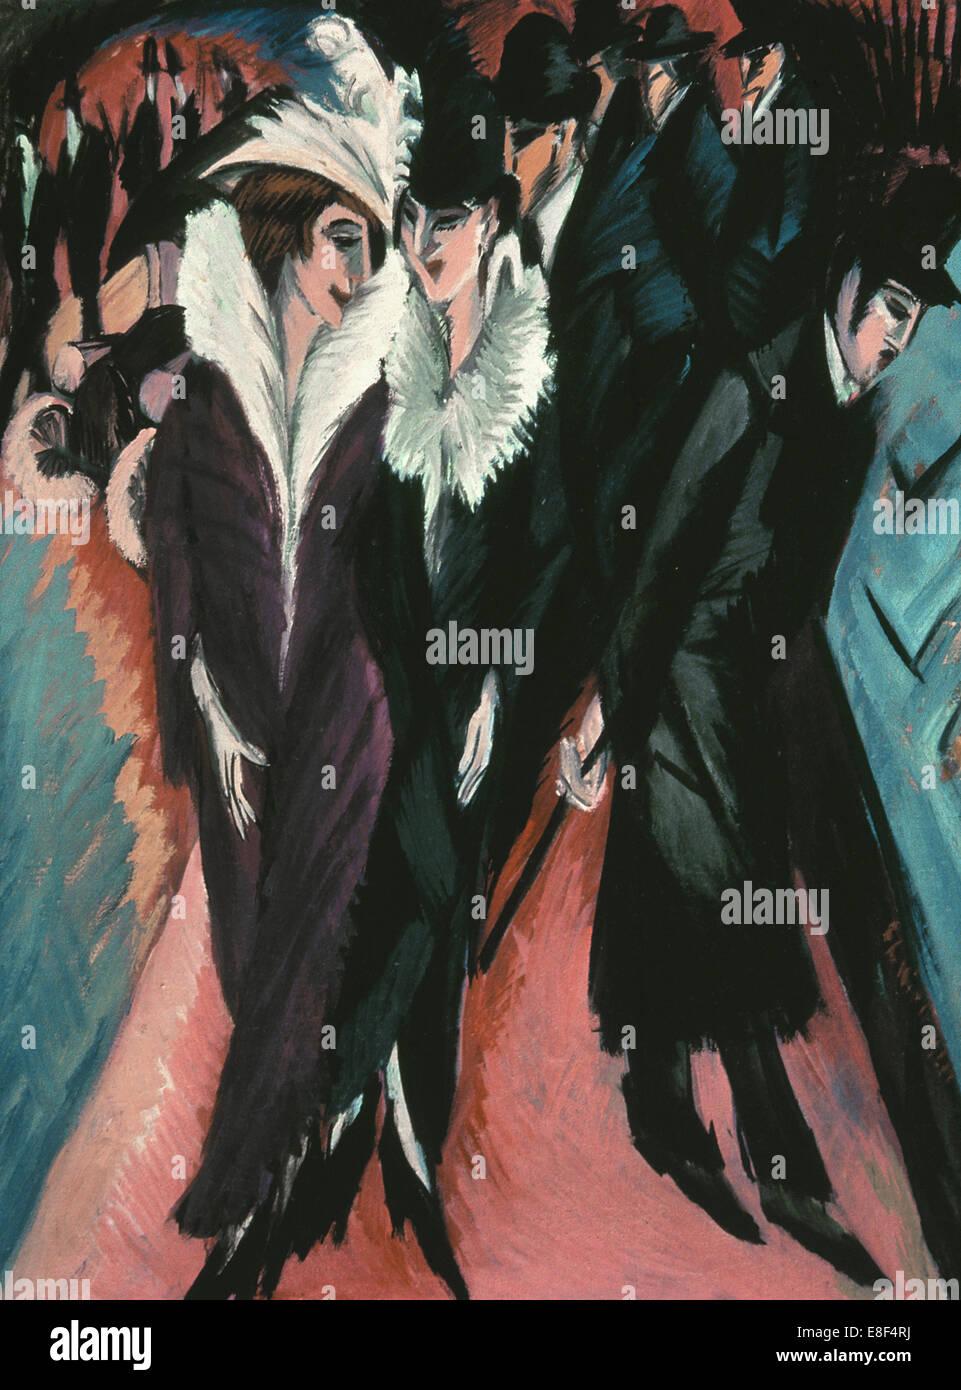 Street, Berlin. Artist: Kirchner, Ernst Ludwig (1880-1938) - Stock Image